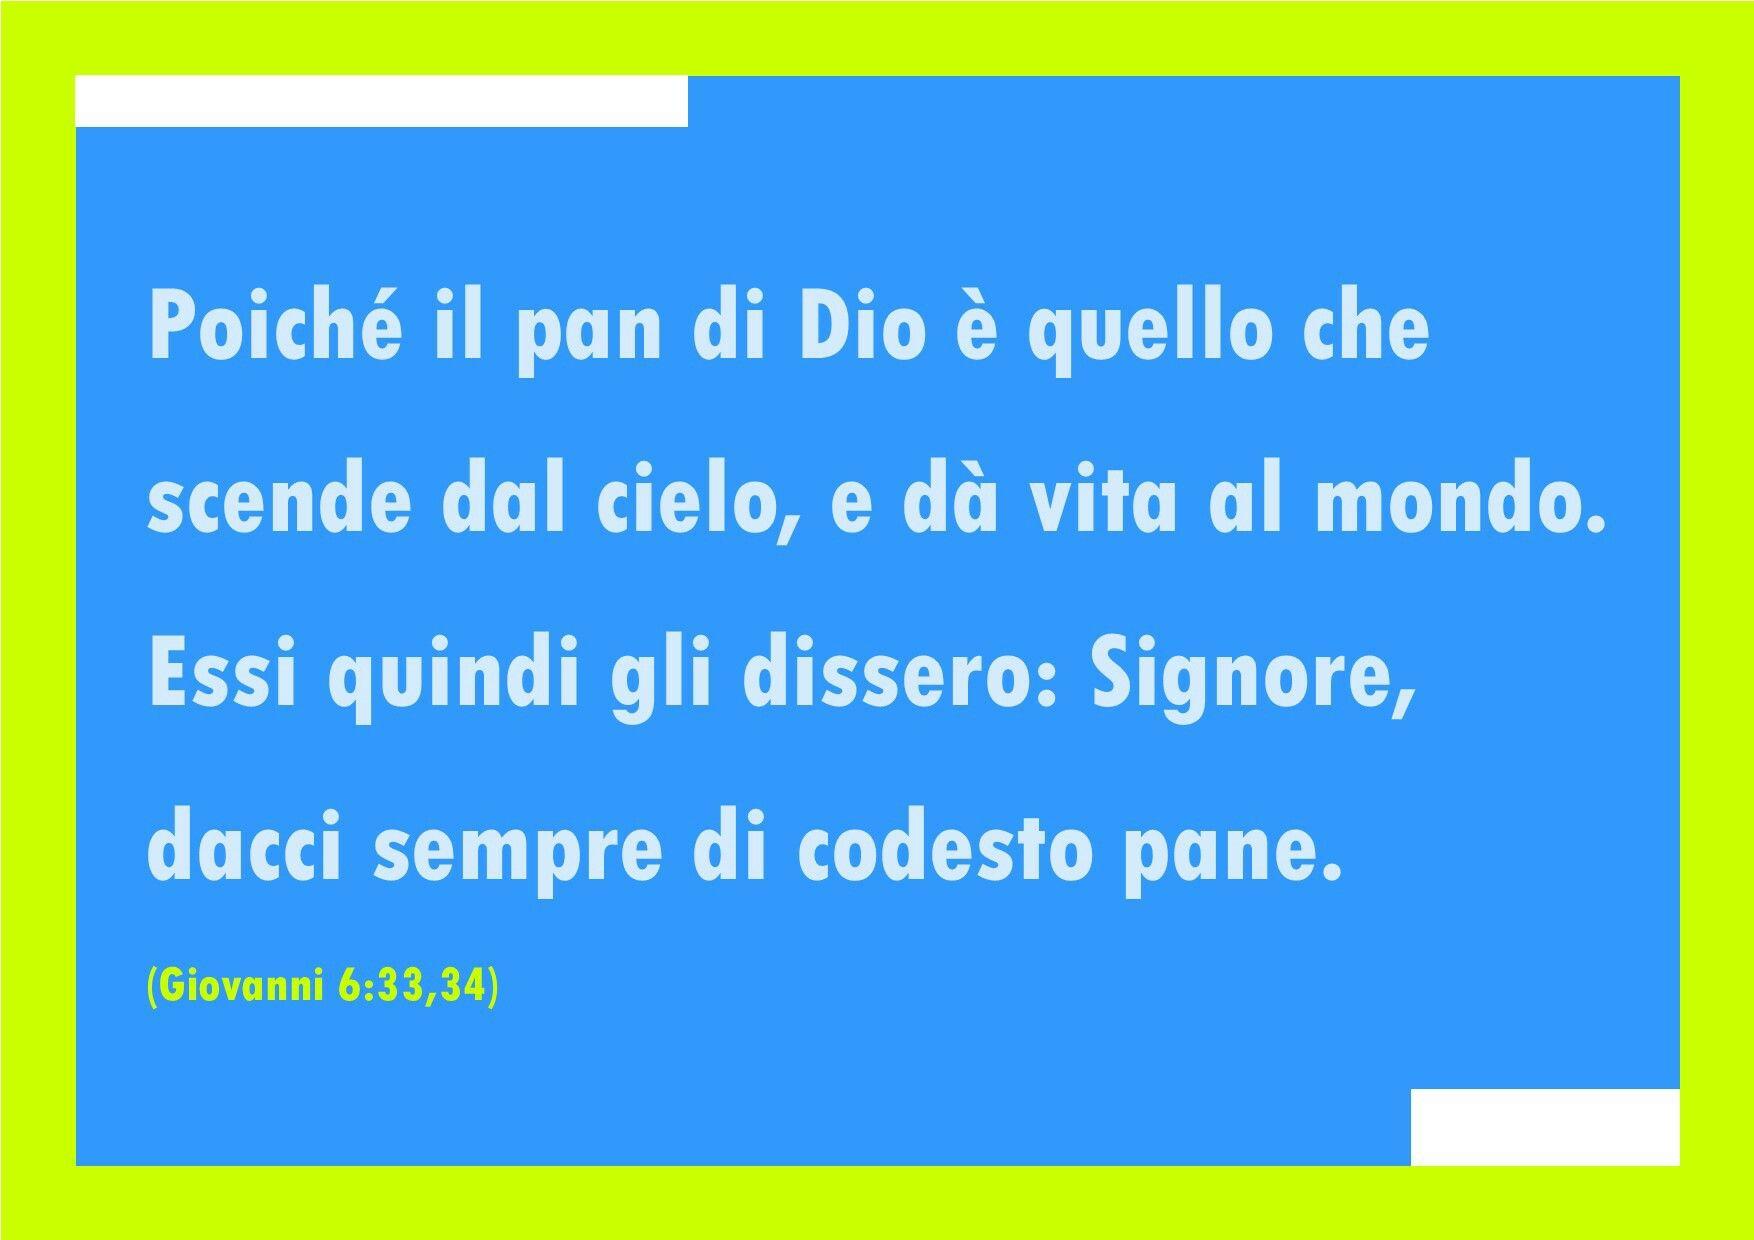 Chi tien conto della correzione segue il cammin della vita ma chi non fa caso della riprensione si smarrisce Proverbi 10 17